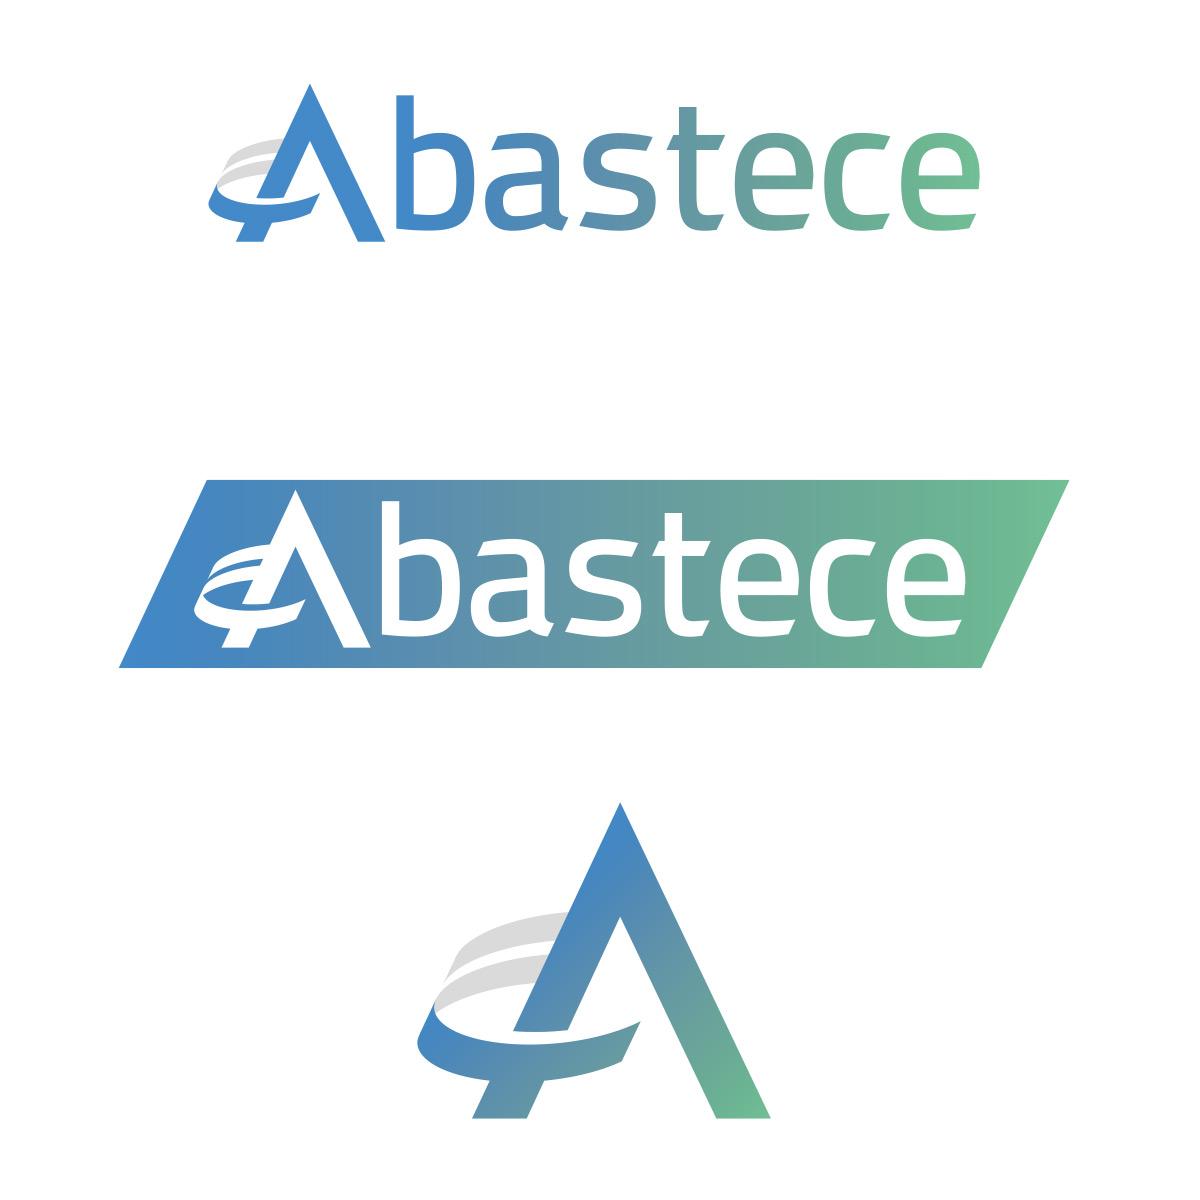 abastece1